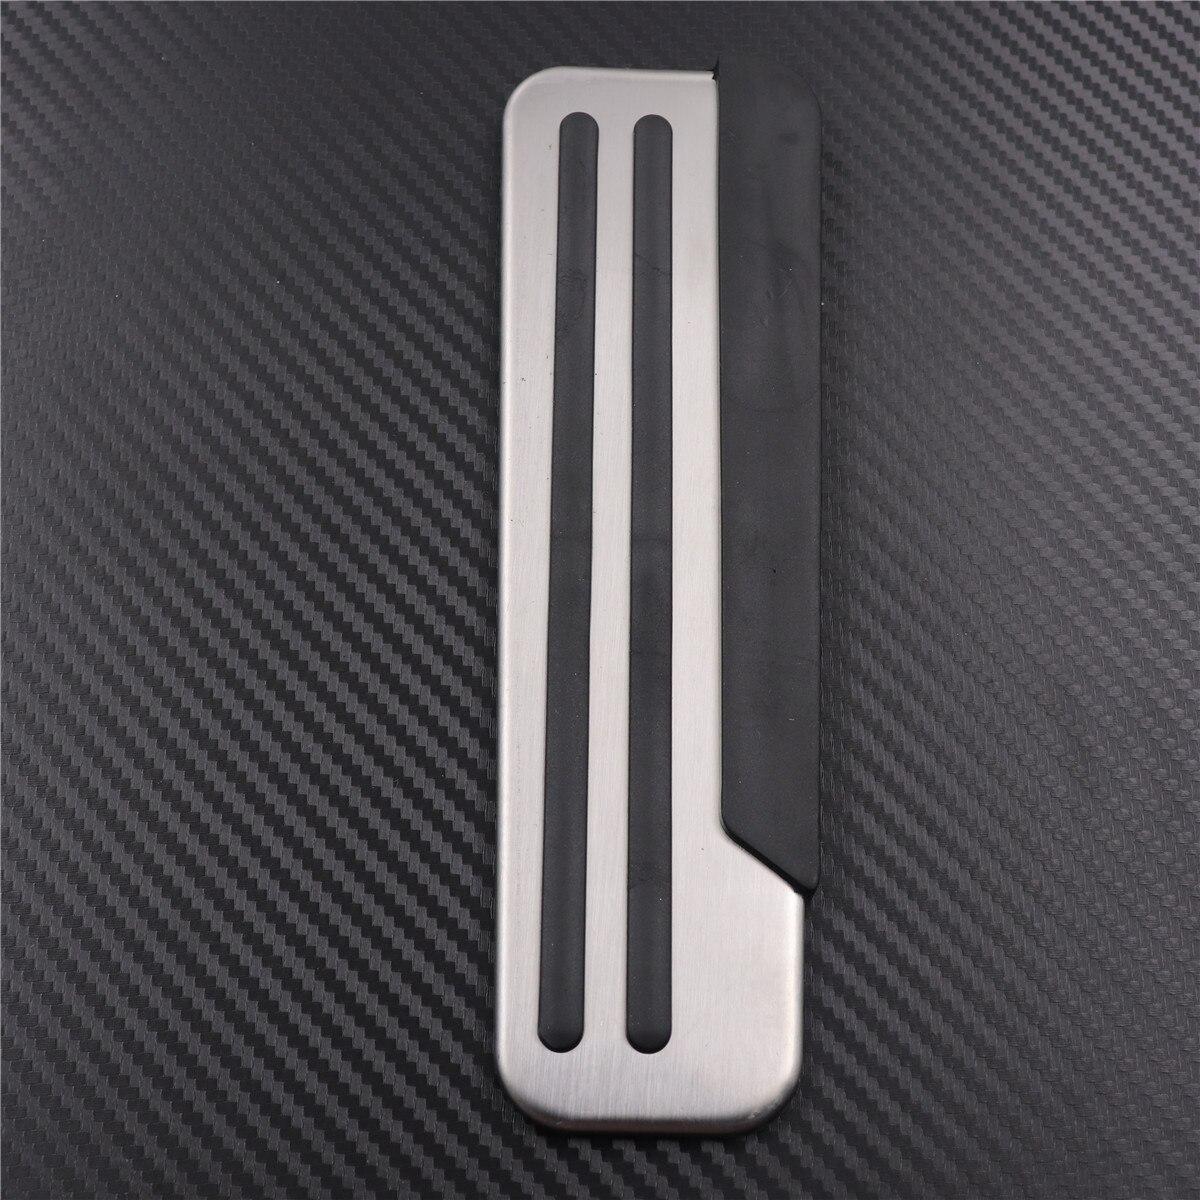 TTCR-II автомобильный акселератор газ ножной упор Модифицированная педаль Накладка для Nissan TEANA Qashqai X-trail 2010-2013 ремонт украшения Аксессуары - Название цвета: Footrest